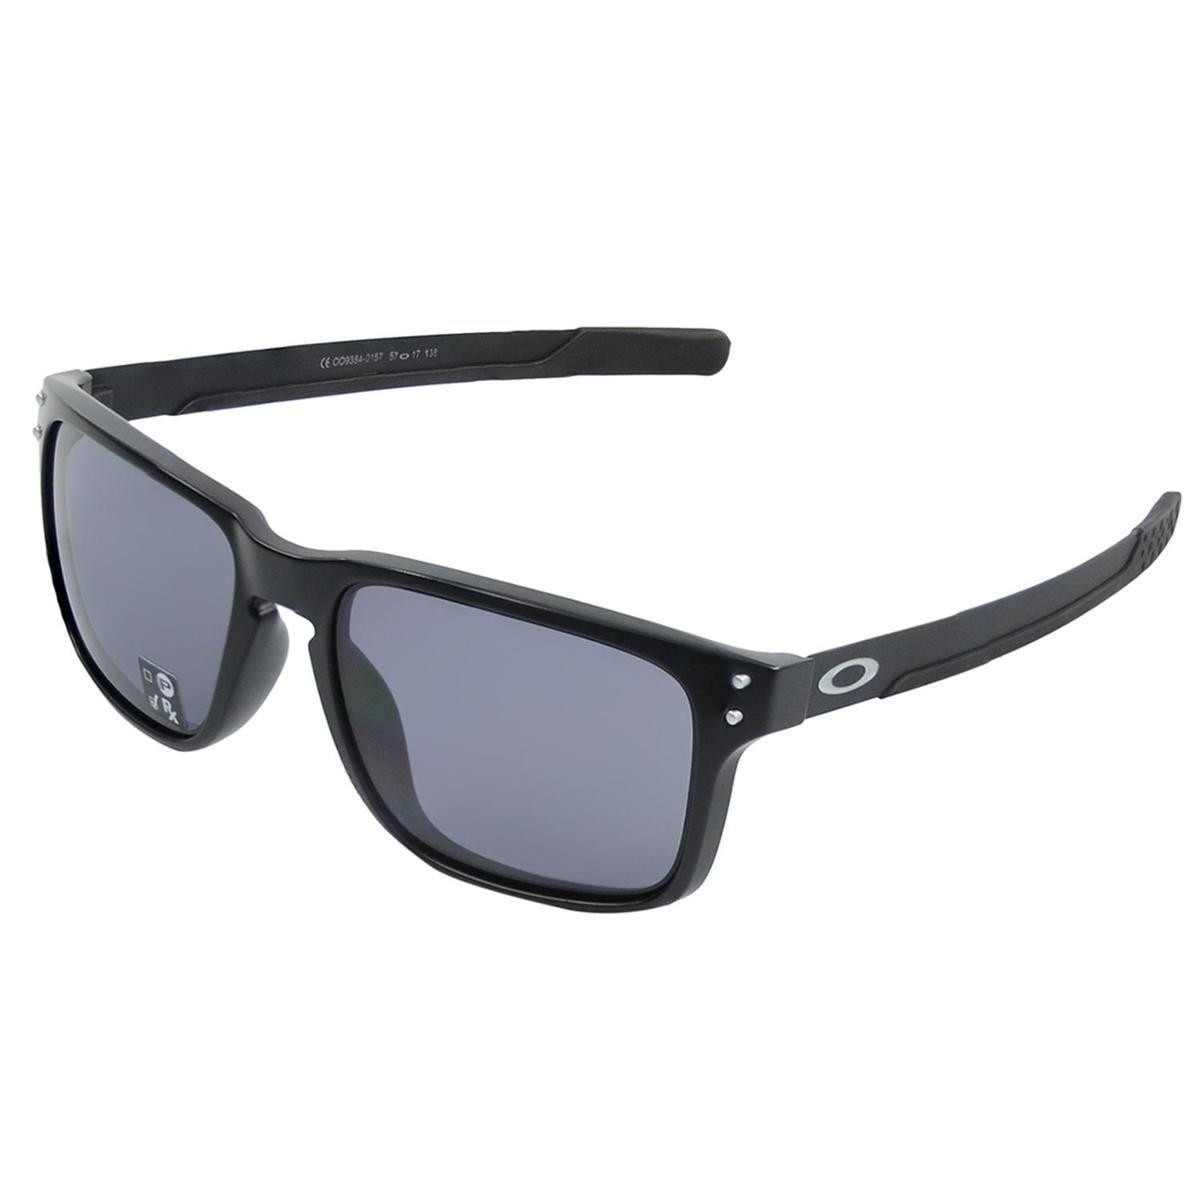 a881b79031618 Óculos Oakley Holbrook Mix - Preto - Compre Agora